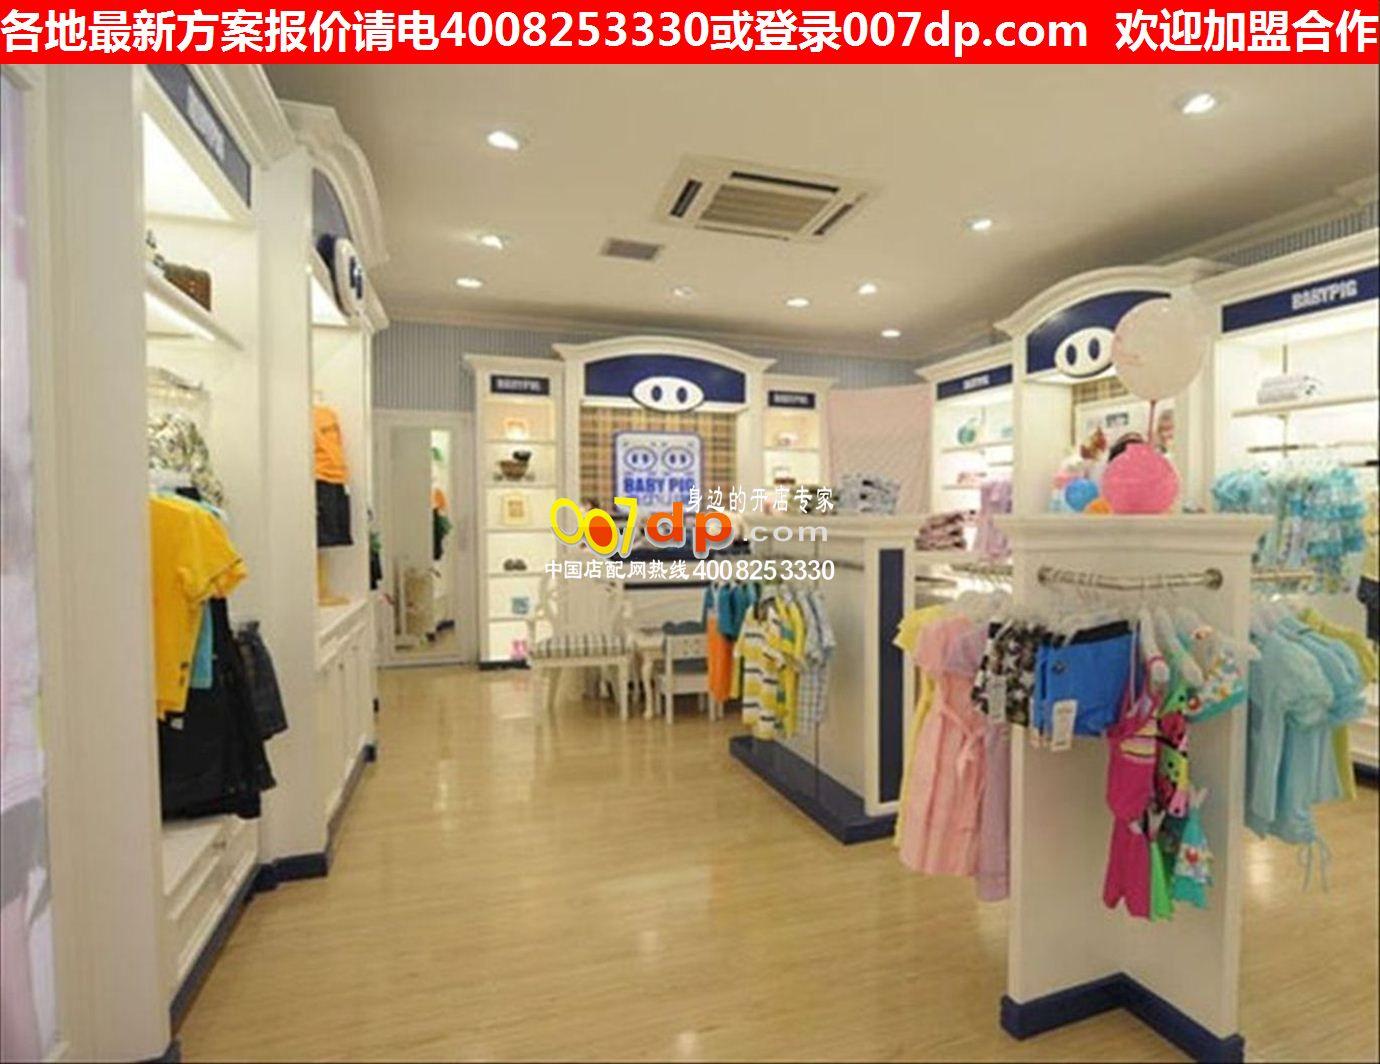 时尚母婴店装修,韩国童装店装修,童装店设计,创意母婴货架,儿童服装